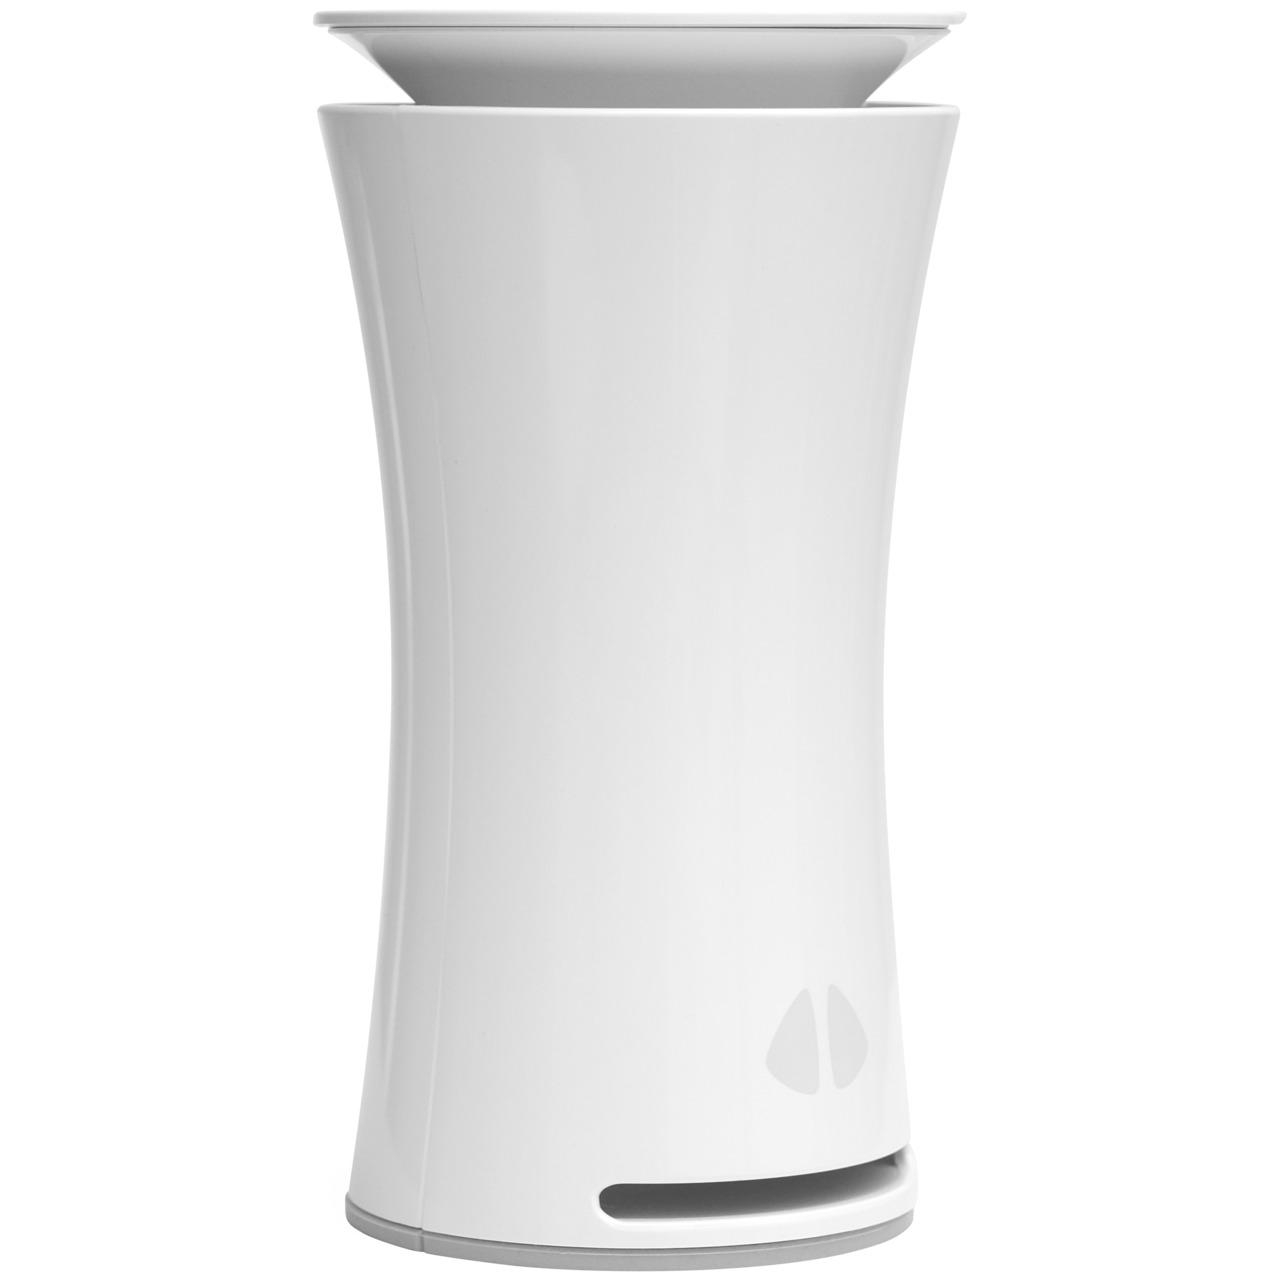 uHoo 9-in-1-Luftgütesensor mit App-Steuerung und CO2-Messung - kompatibel mit HmIP - HM über mediola